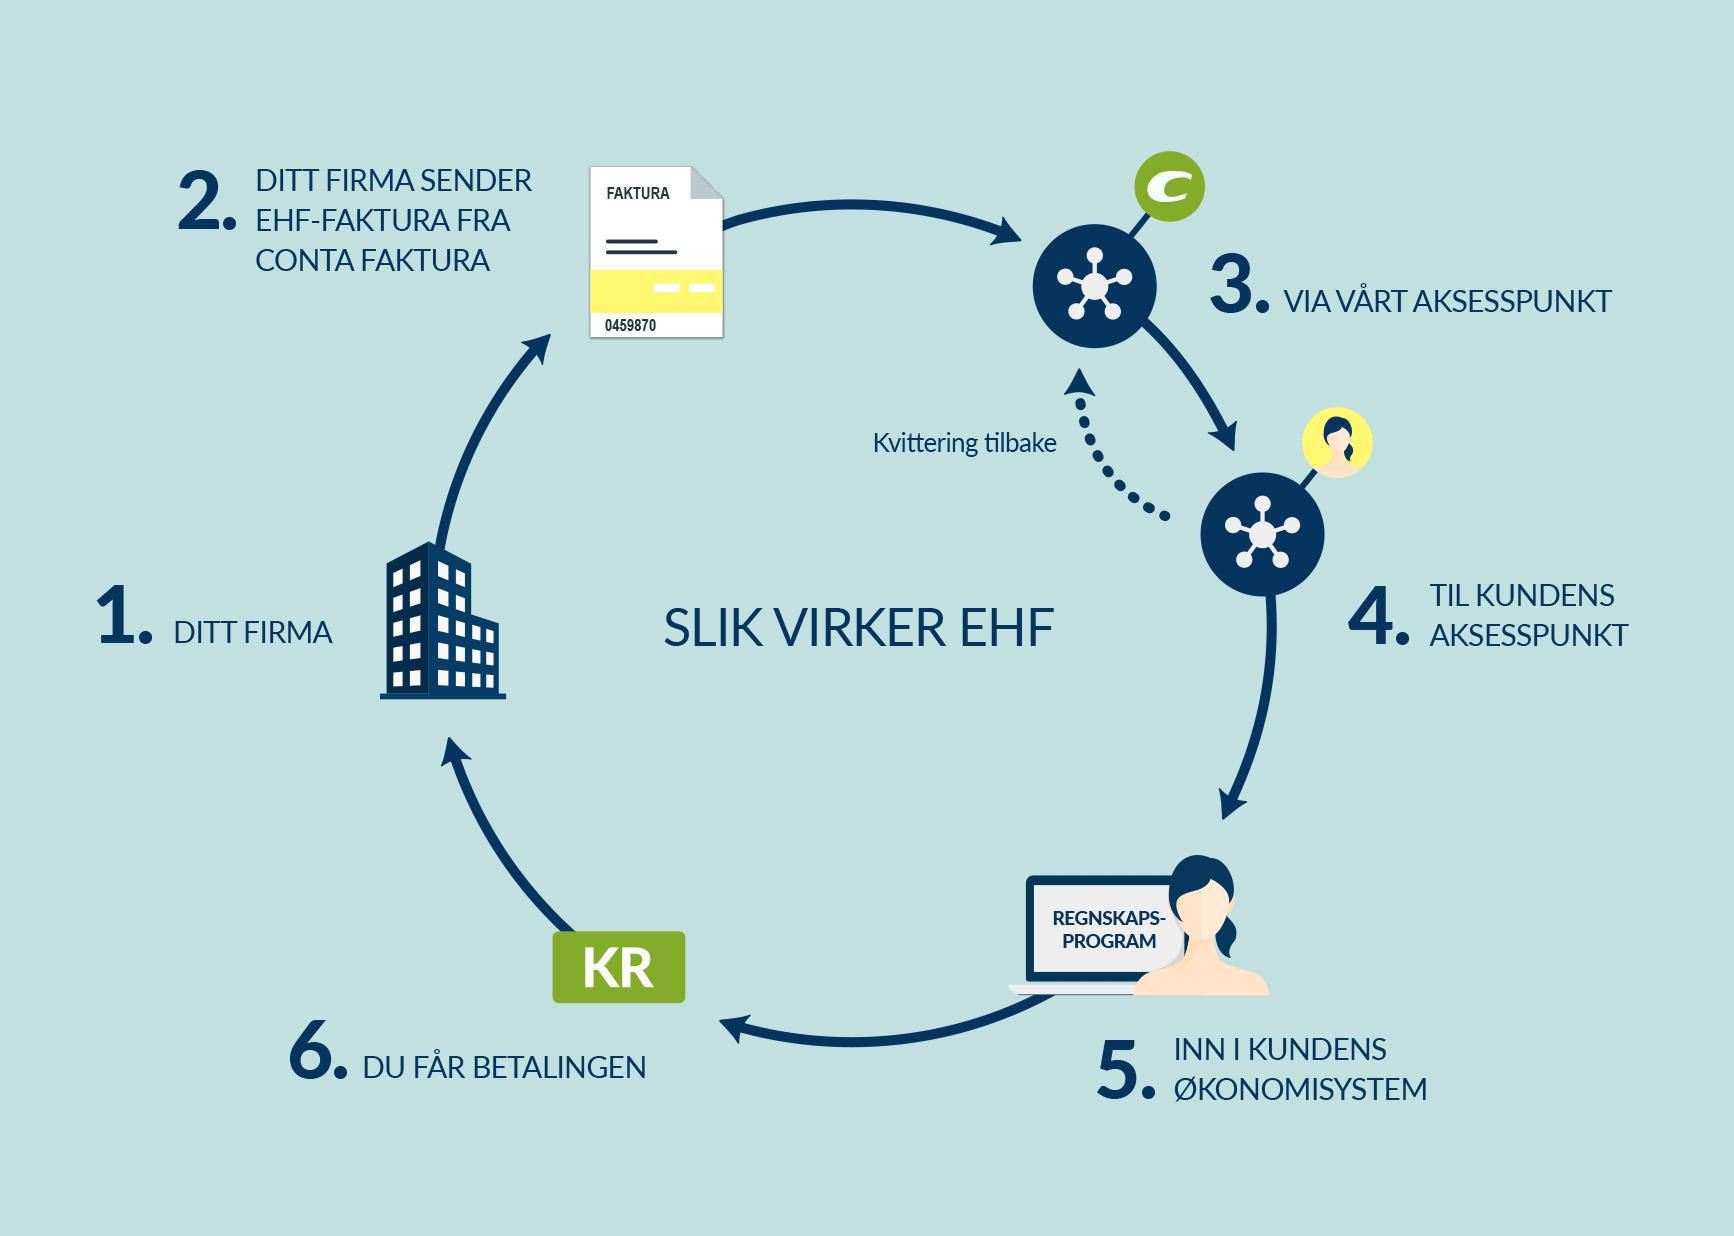 Illustrasjon: Slik virker EHF